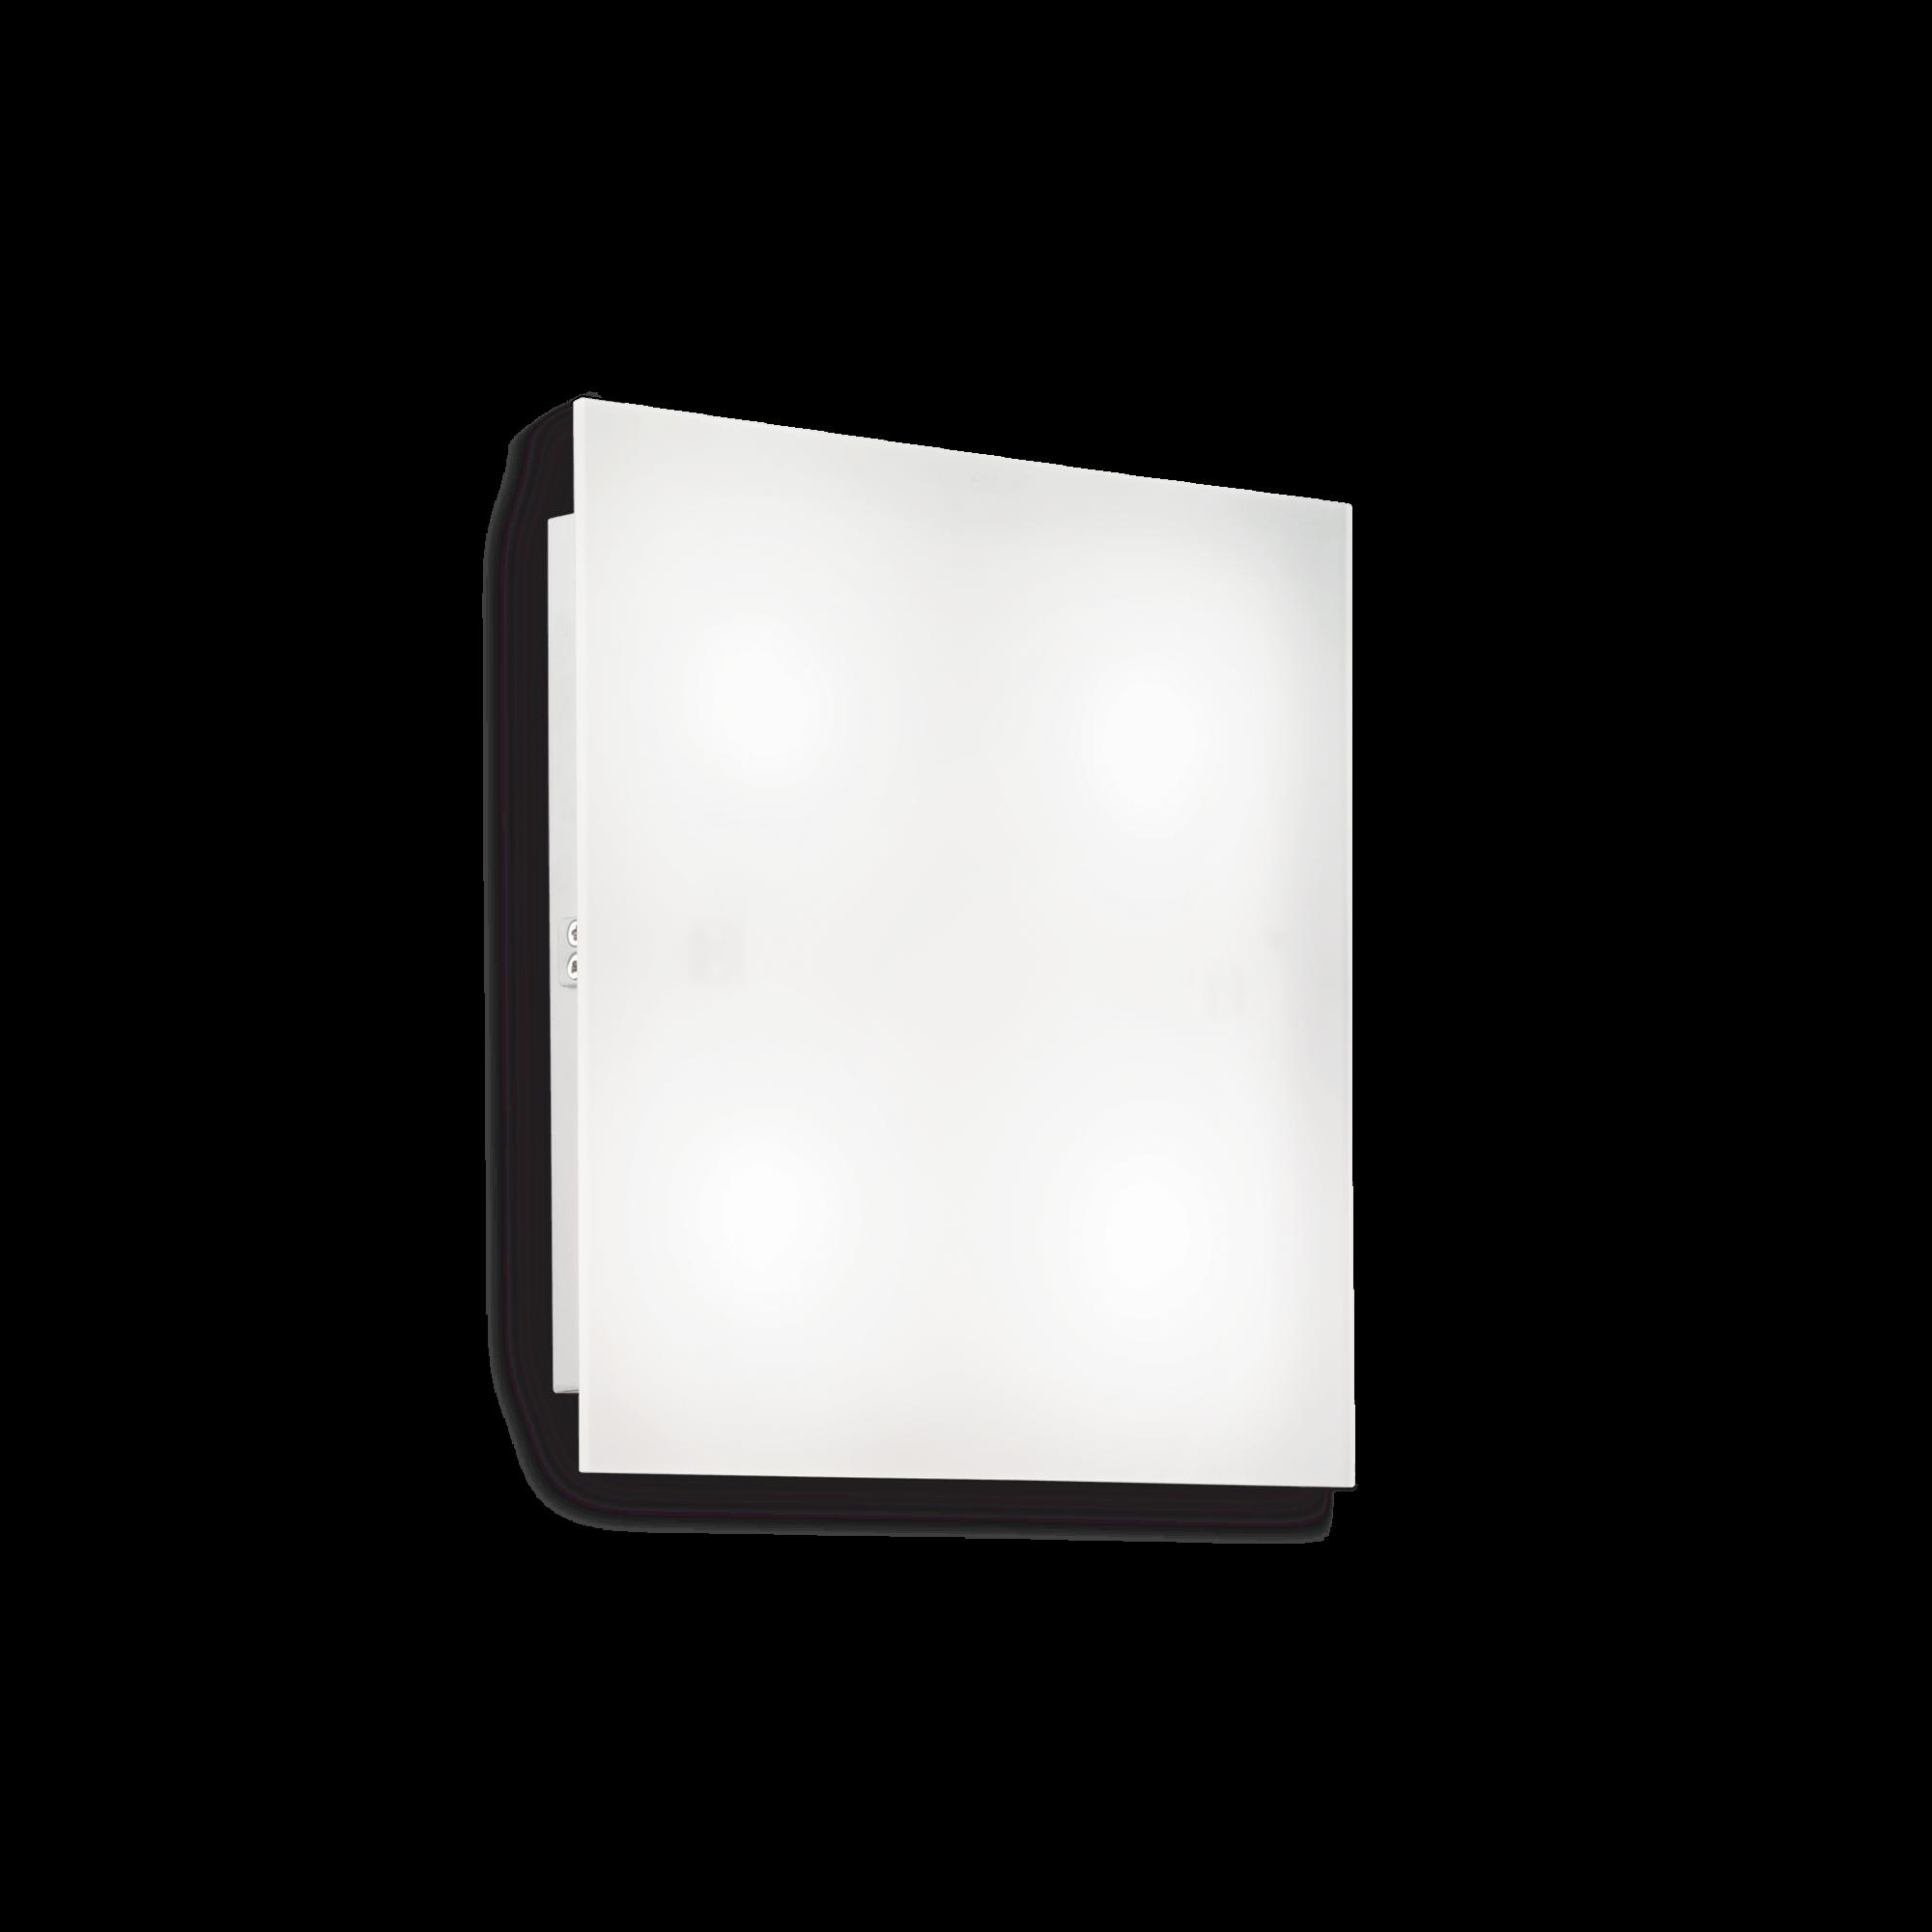 Ideal Lux 134895 Flat PL4 D30 mennyezeti lámpa